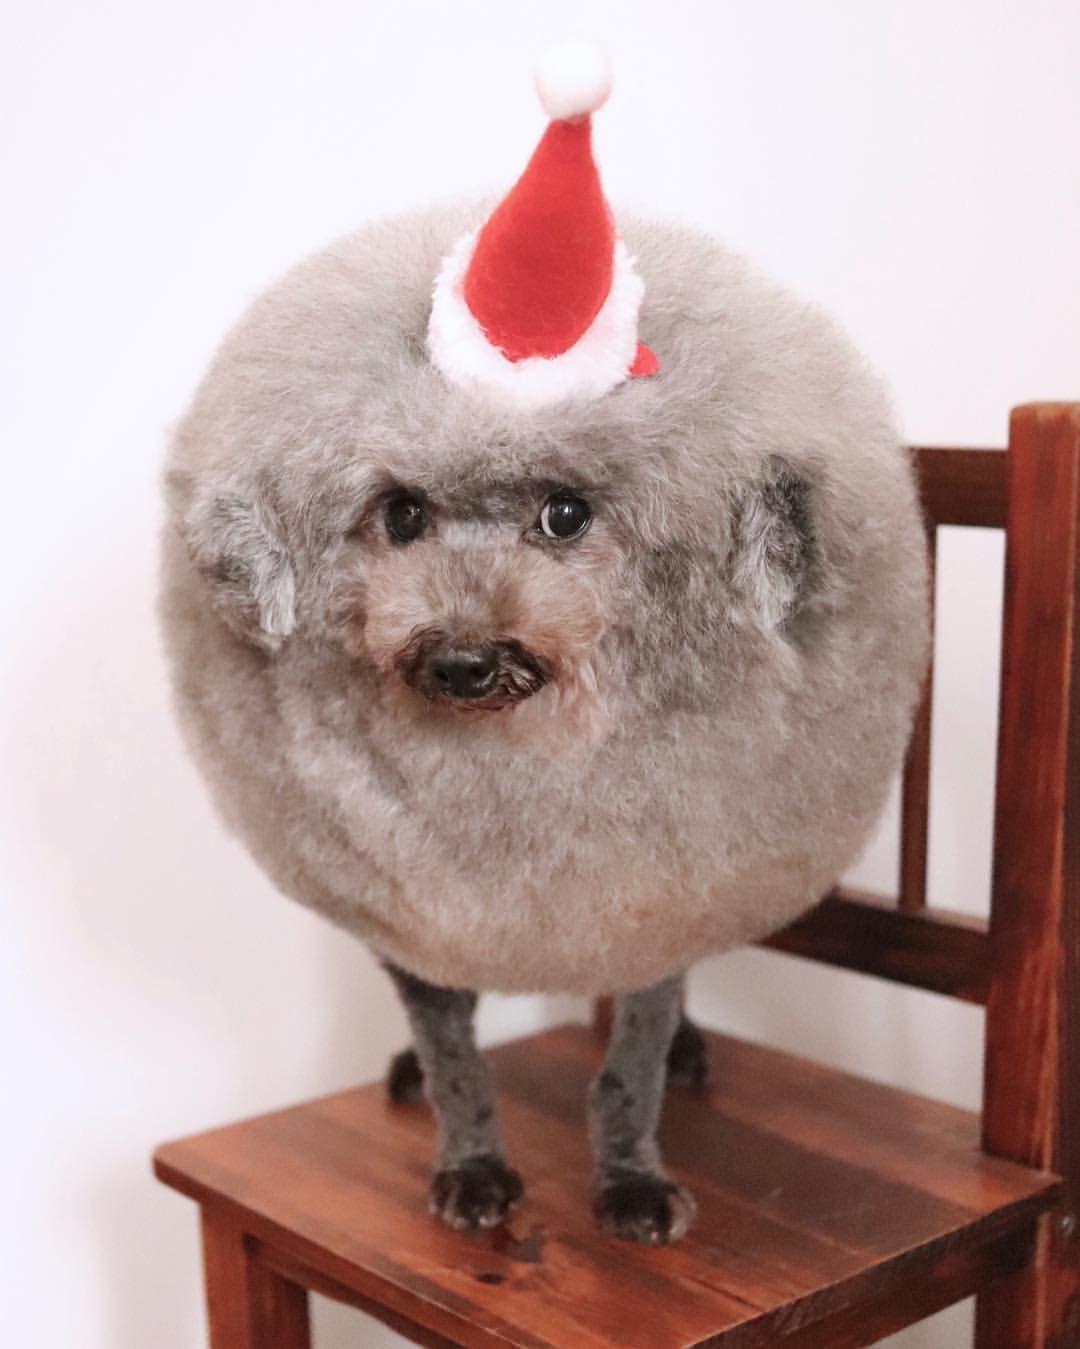 Yoriko Hamachiyo 濱千代 頼子はinstagramを利用しています もうすぐクリスマスですね 丸い犬 ごまちゃん トイプードル ティーカッププードル サンタクロース ふわもふ 三重県 津市 トリミング ドッグサロン よりこころ 看板犬 癒し 心は丸く 幸せ